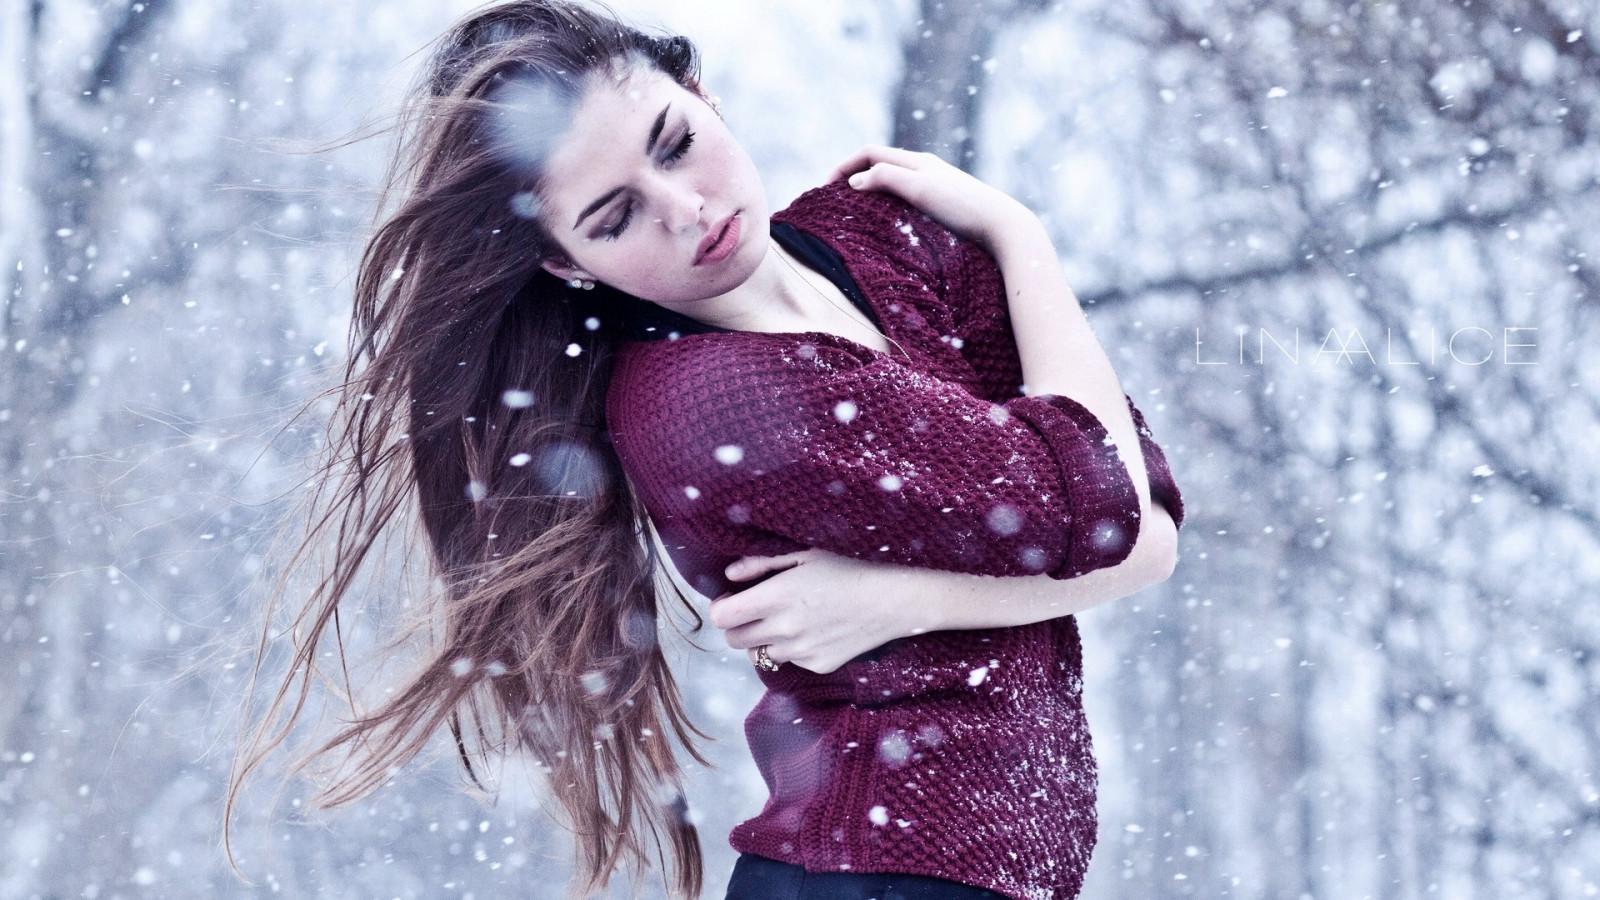 некоторых грудничков, красивые картинки на аву про зиму свадебных машин своими